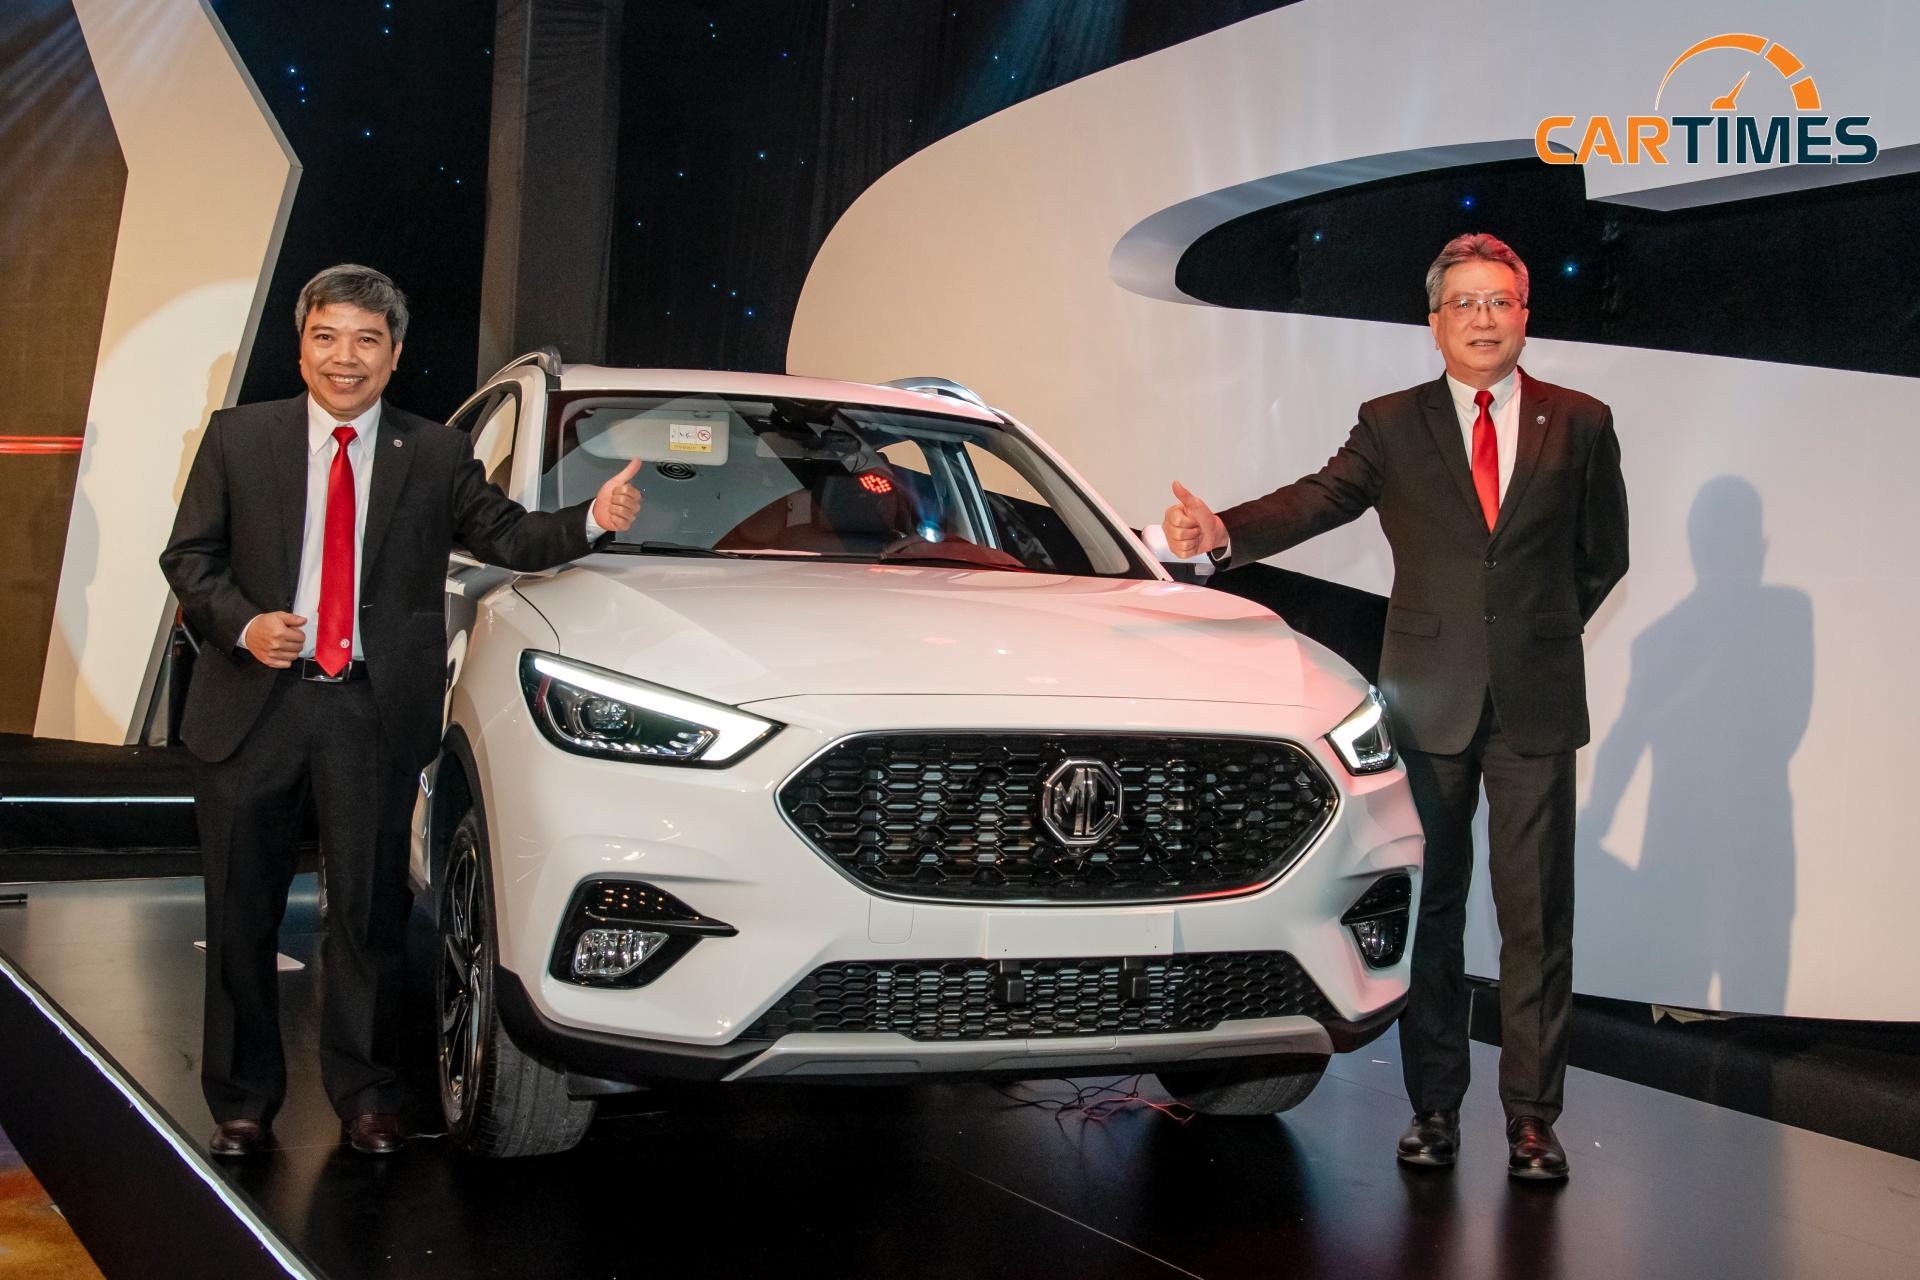 MG ZS phiên bản nâng cấp ra mắt thị trường Việt Nam giá từ 569 triệu đồng -1